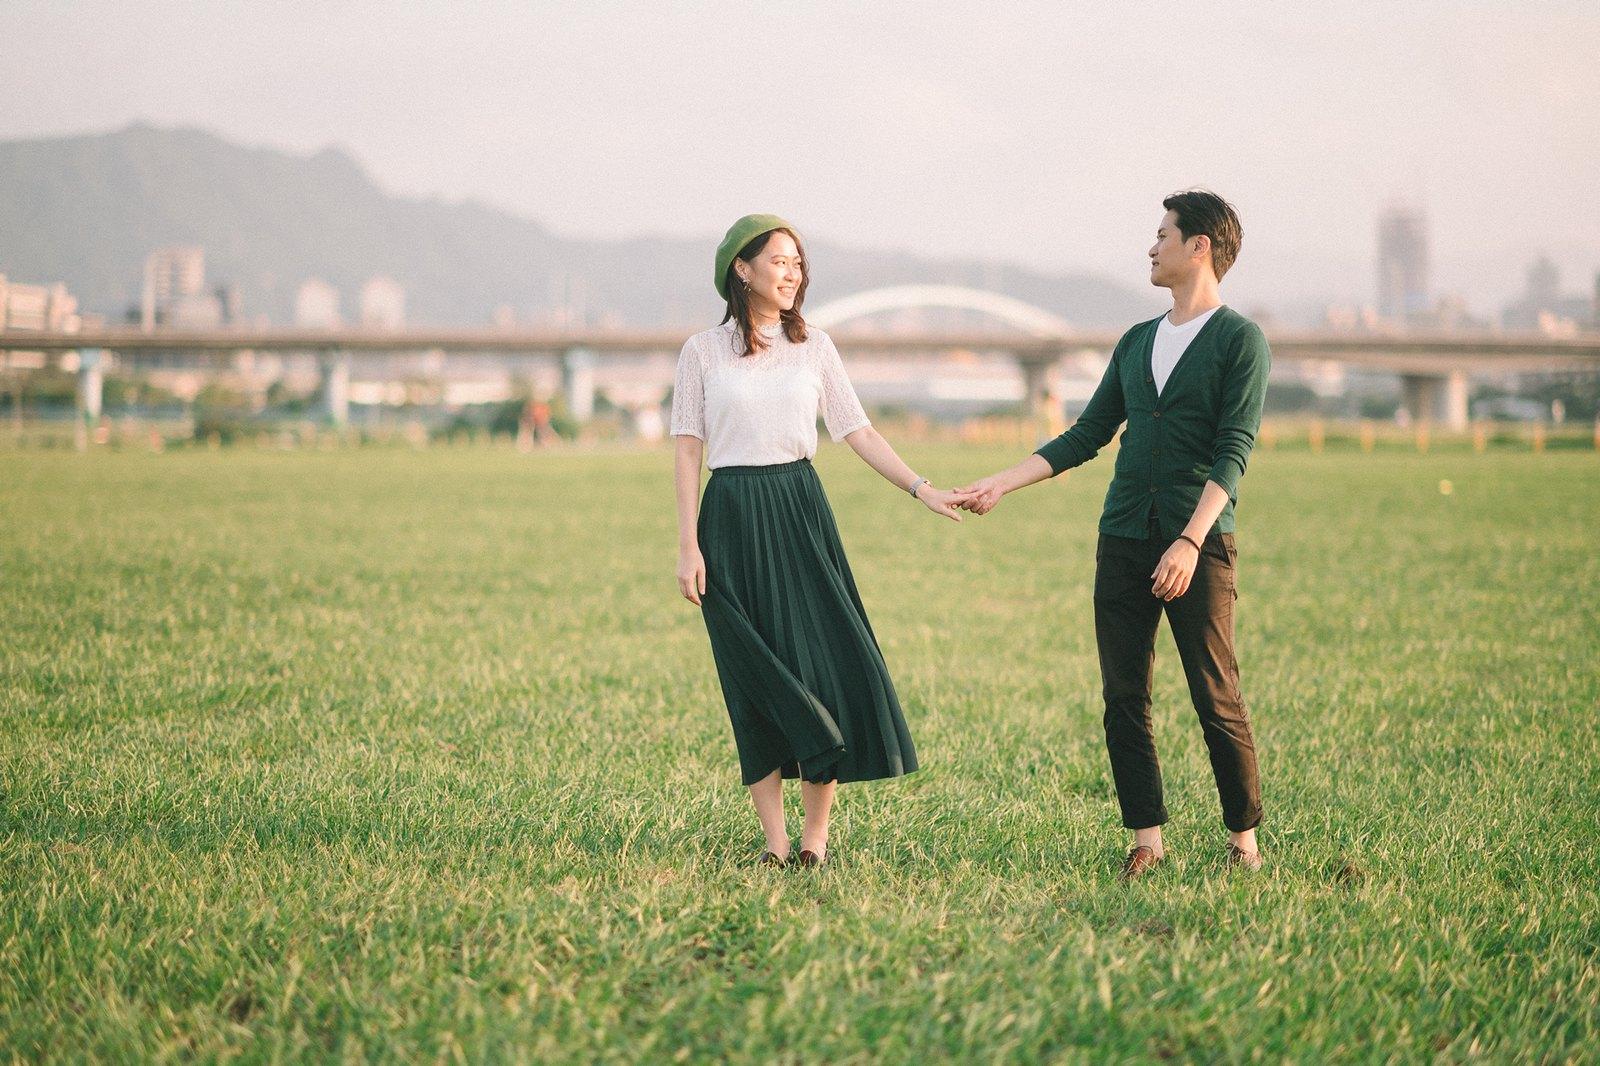 【婚紗】Patty & Fountain / 婚紗意象 / 觀山河濱公園